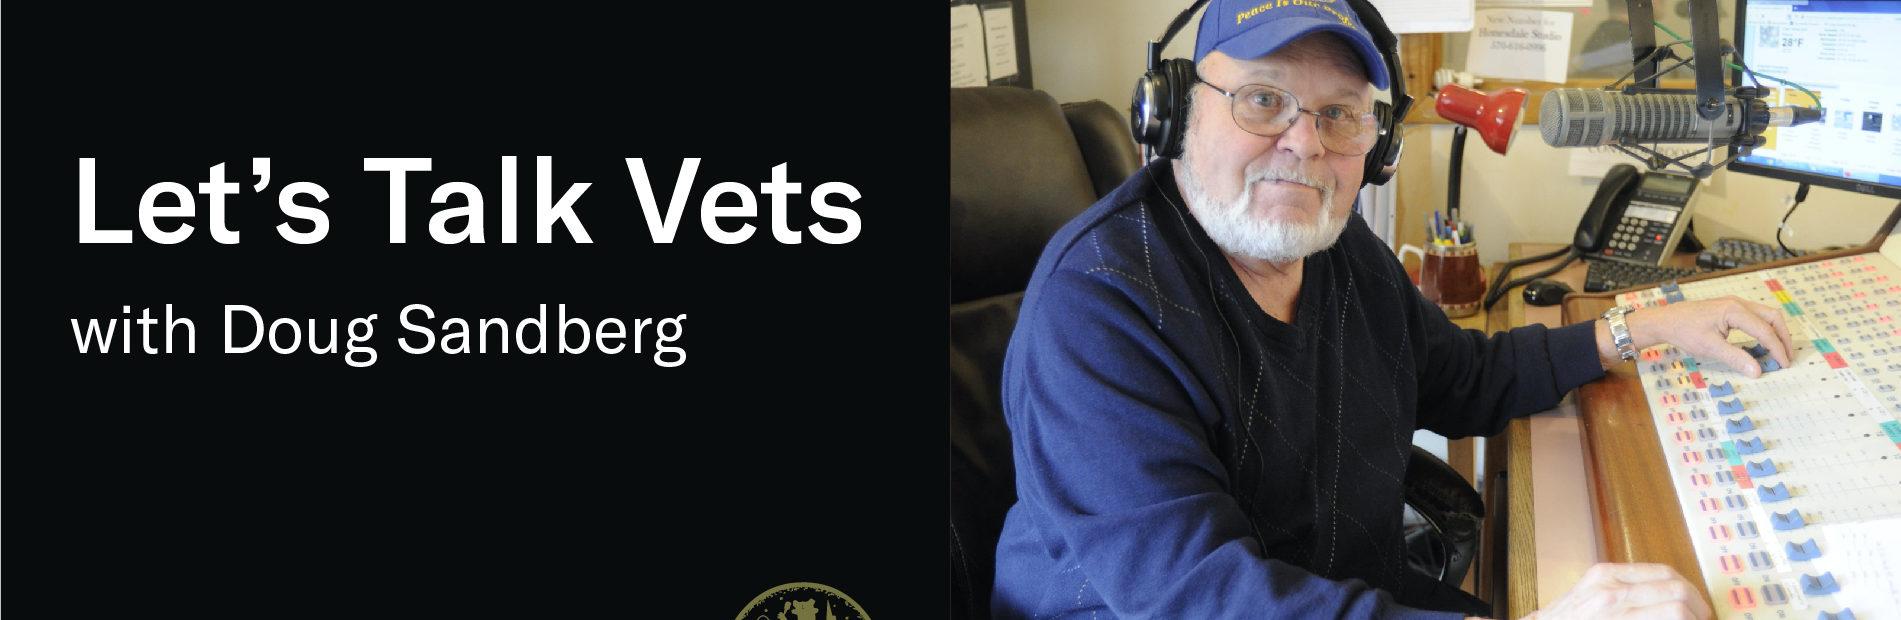 Let's Talk Vets WJFF show host Doug Sandberg